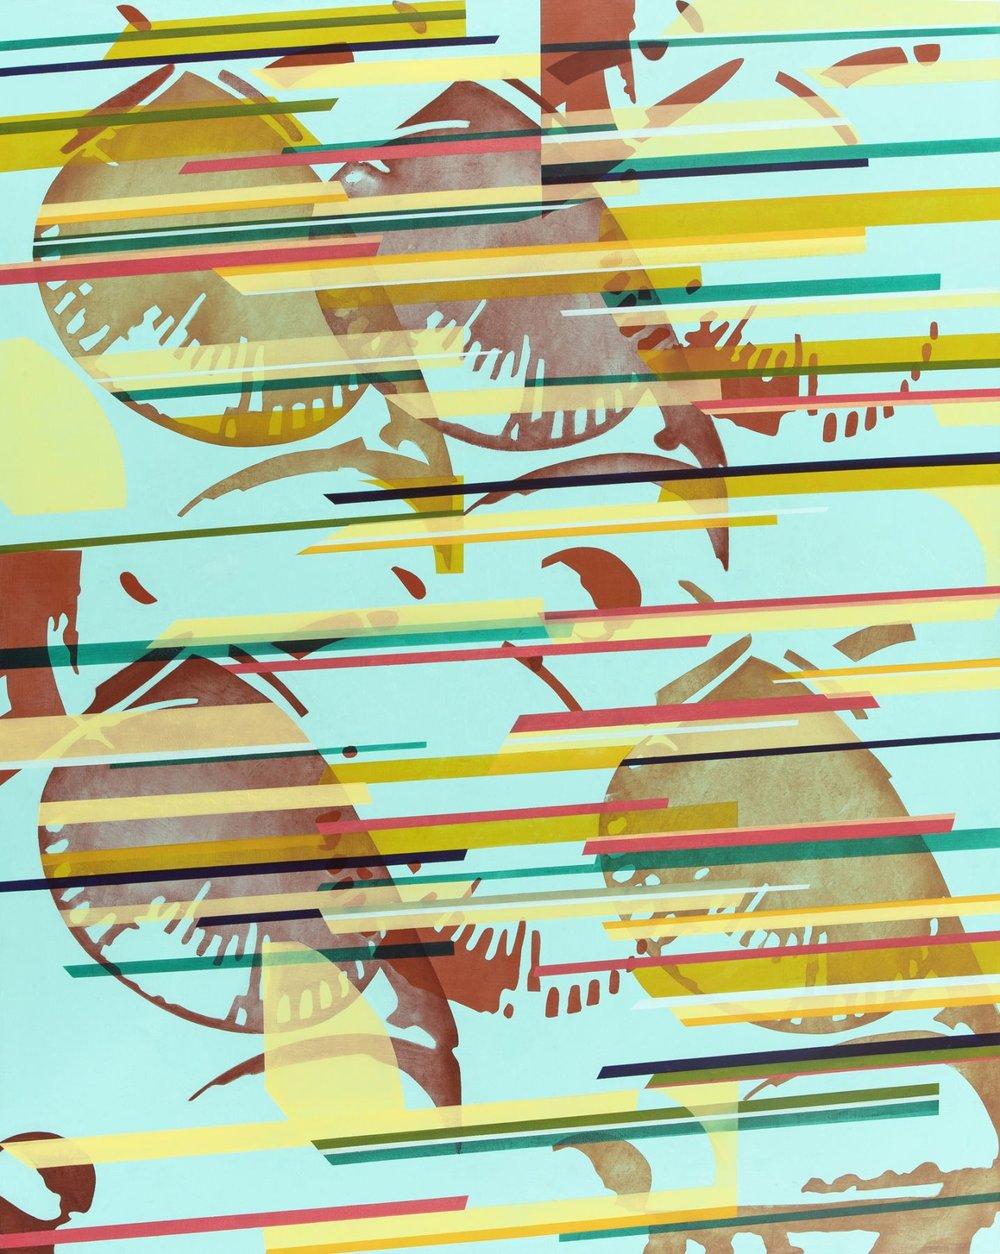 CL Hagia Sophia #1 x 6